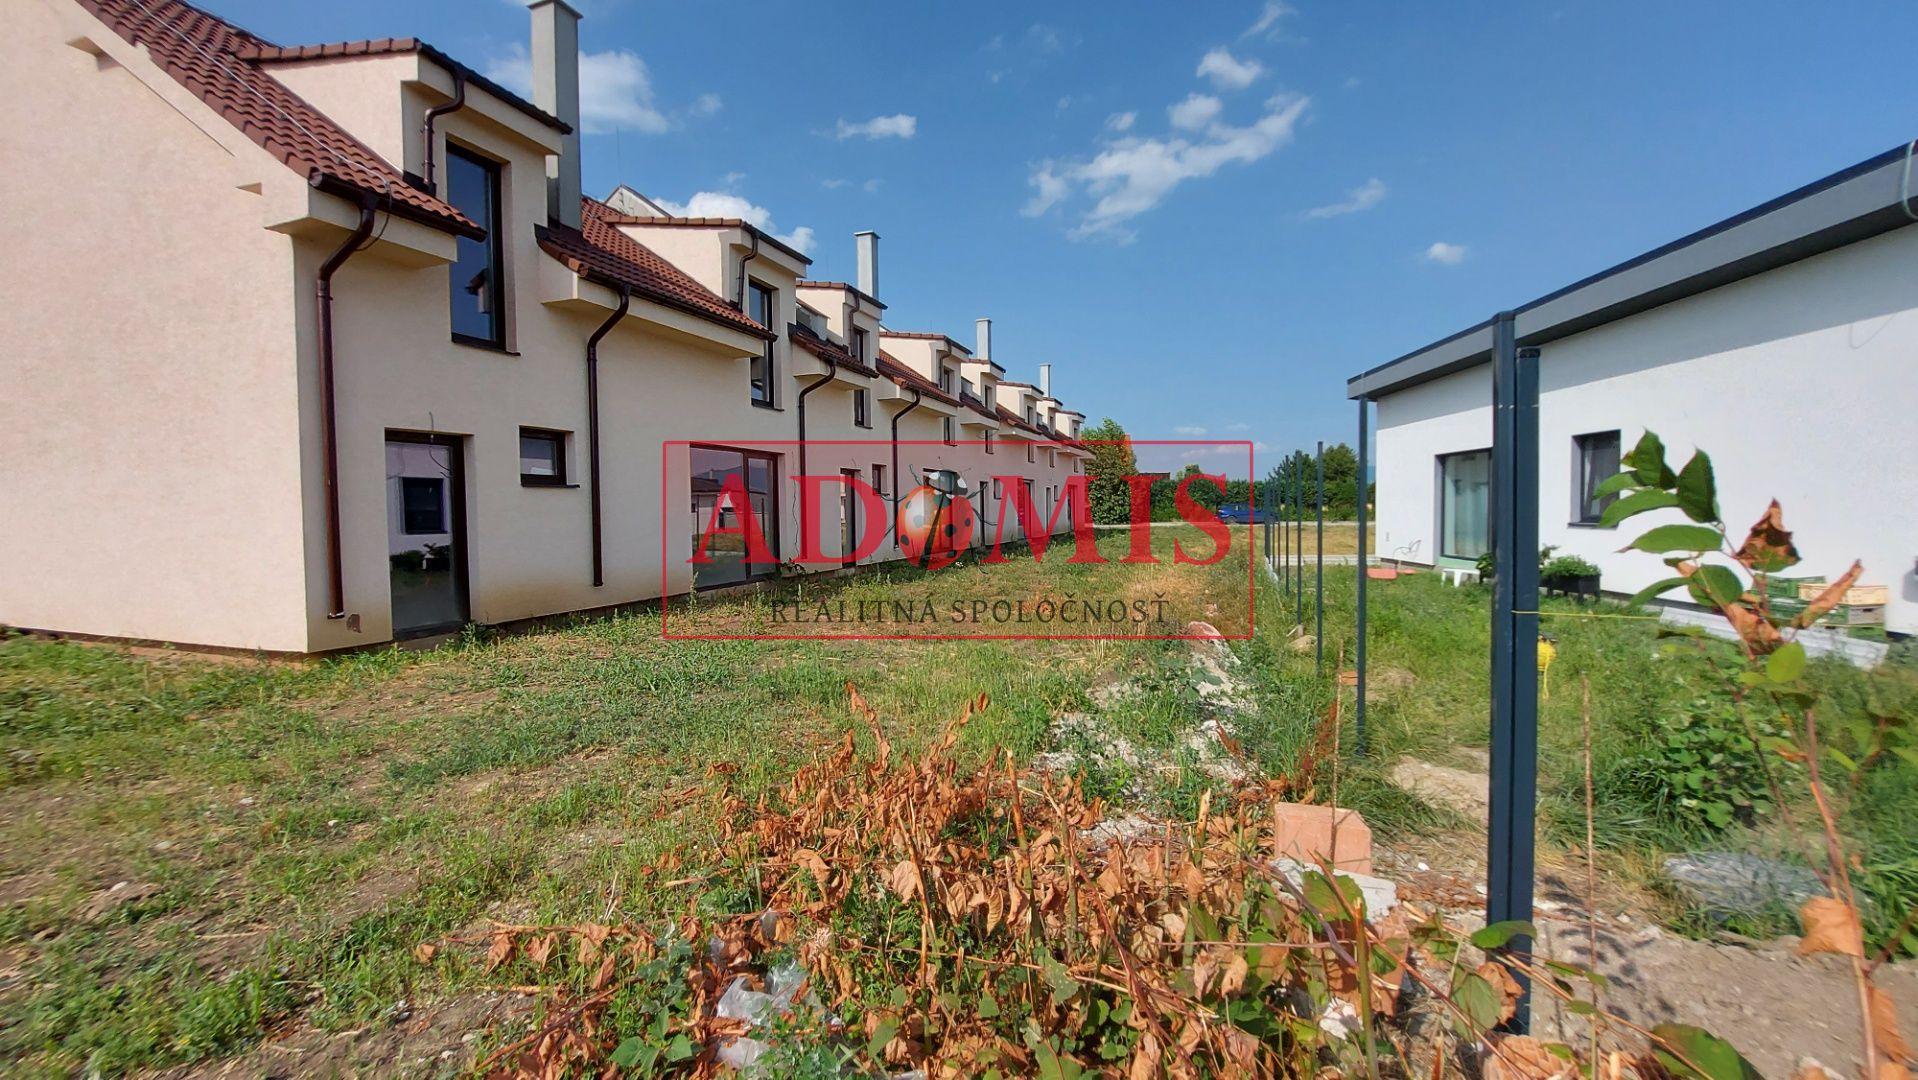 ADOMIS - 4-izbový dom - NOVOSTAVBA, Košice - Krásna, radová zástavbe parkovacie miesto, záhradka,